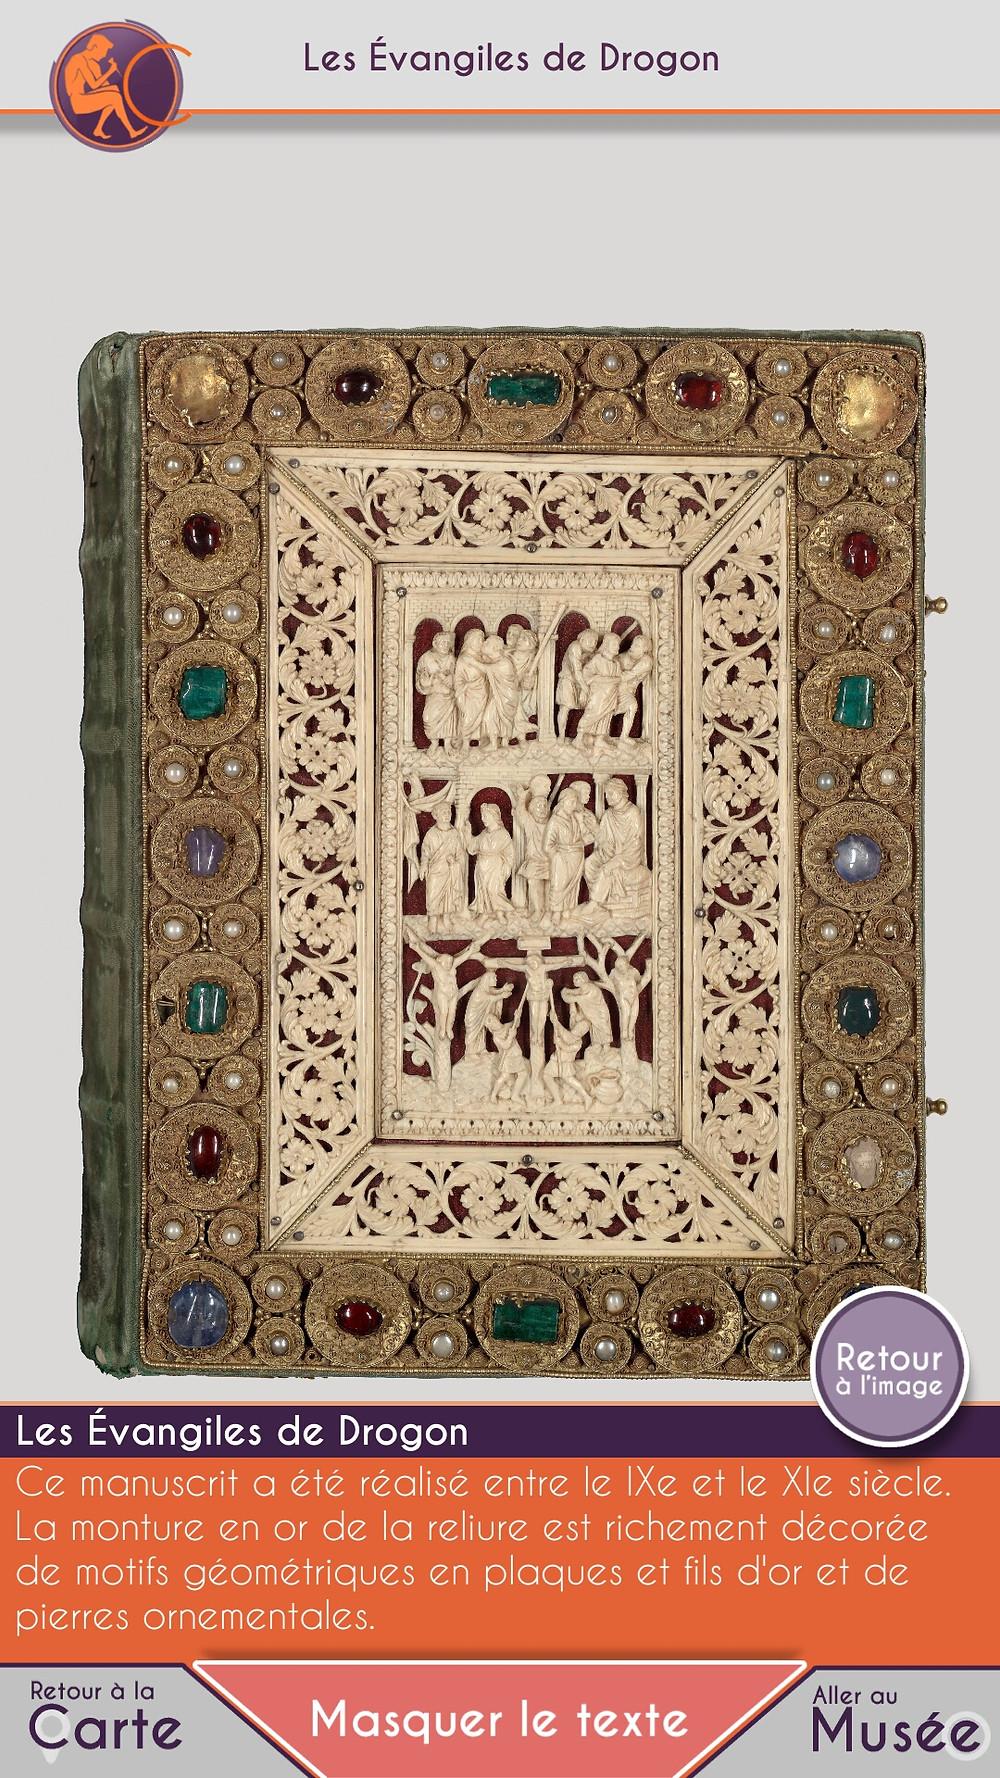 Manuscrit du Moyen-Age recouvert d'or et de matériaux précieux